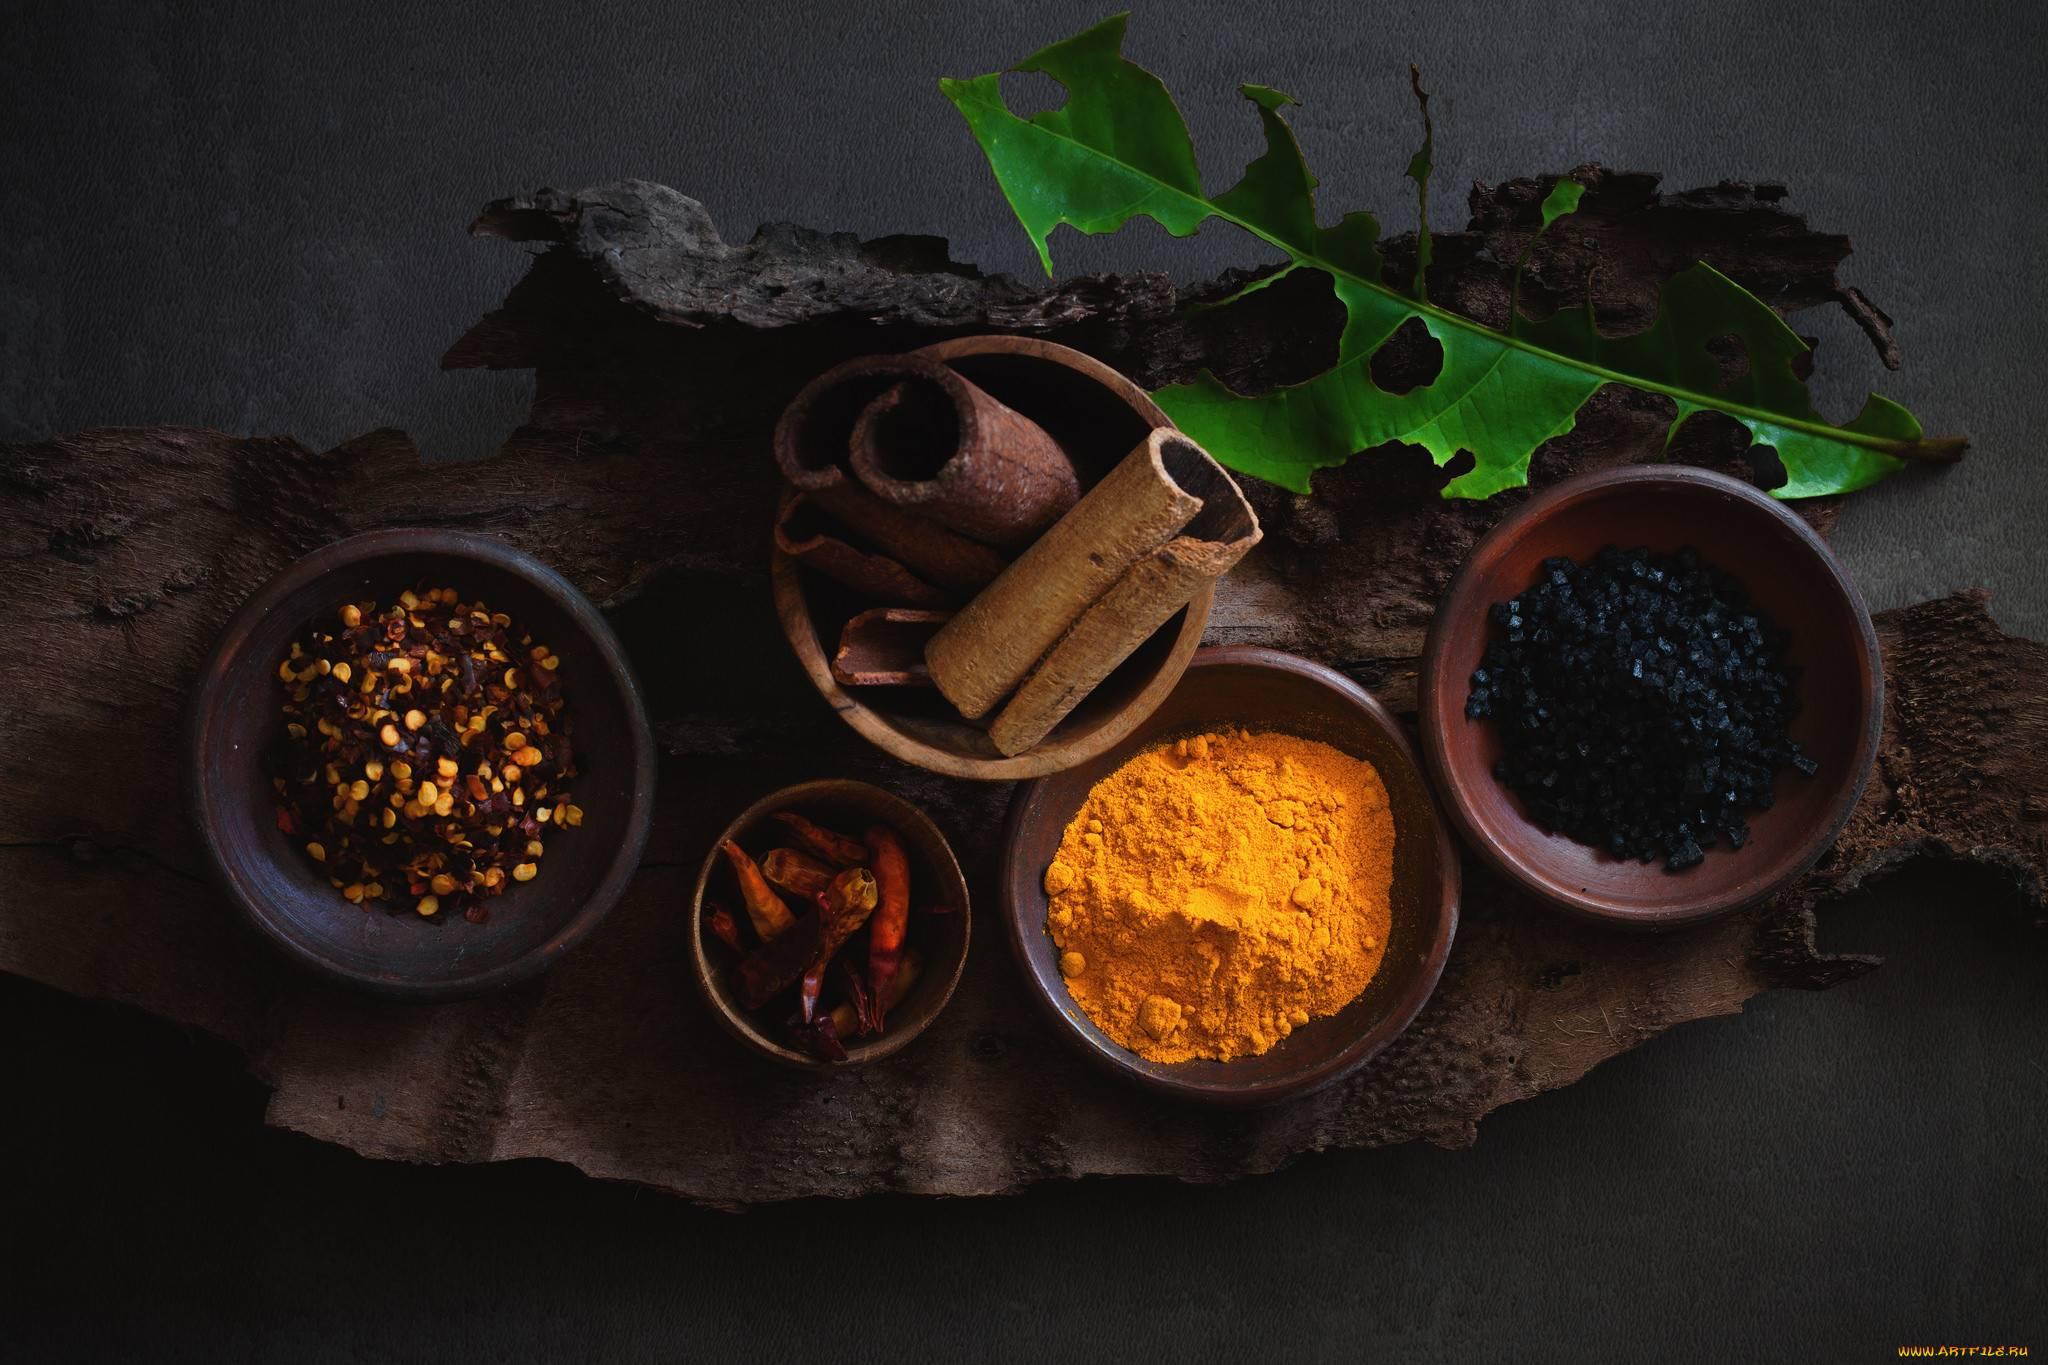 Всё о кайенском перце - что это такое, применение в кулинарии, полезные свойства, острота по сковиллу, рецепты